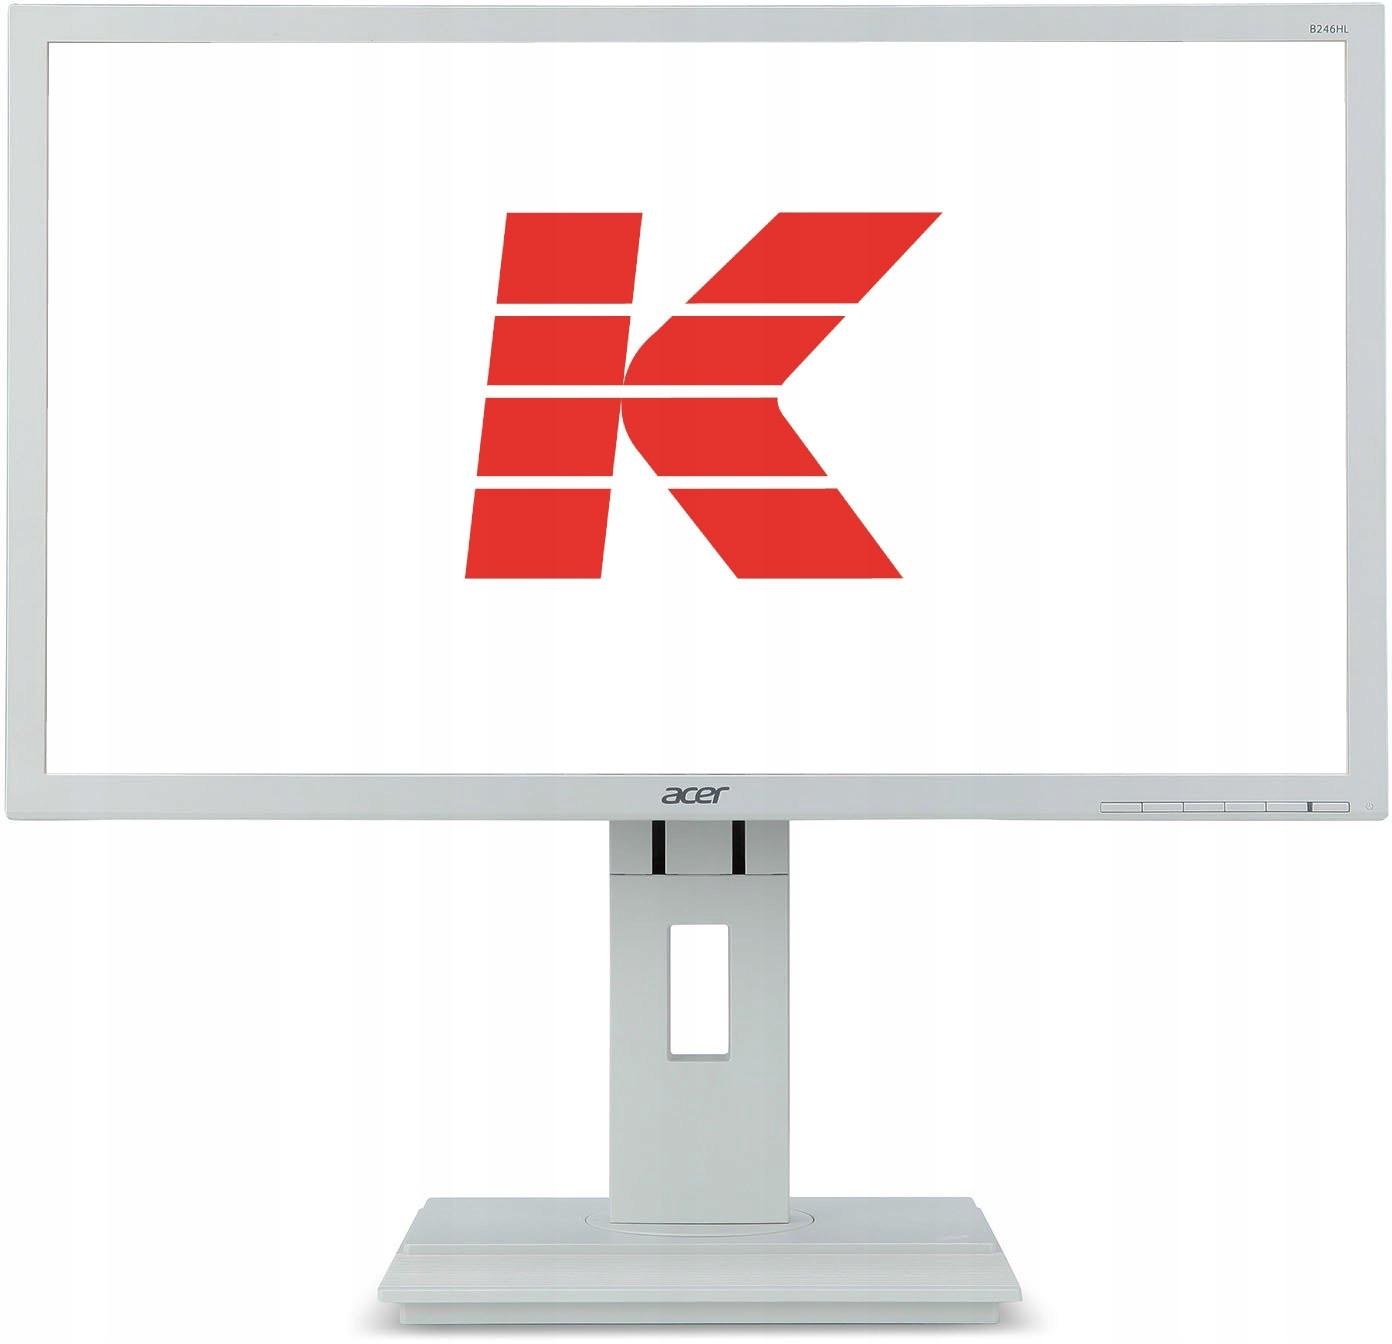 Item Monitor ACER B246HL |24 INCH| FULL HD LED|SPEAKERS